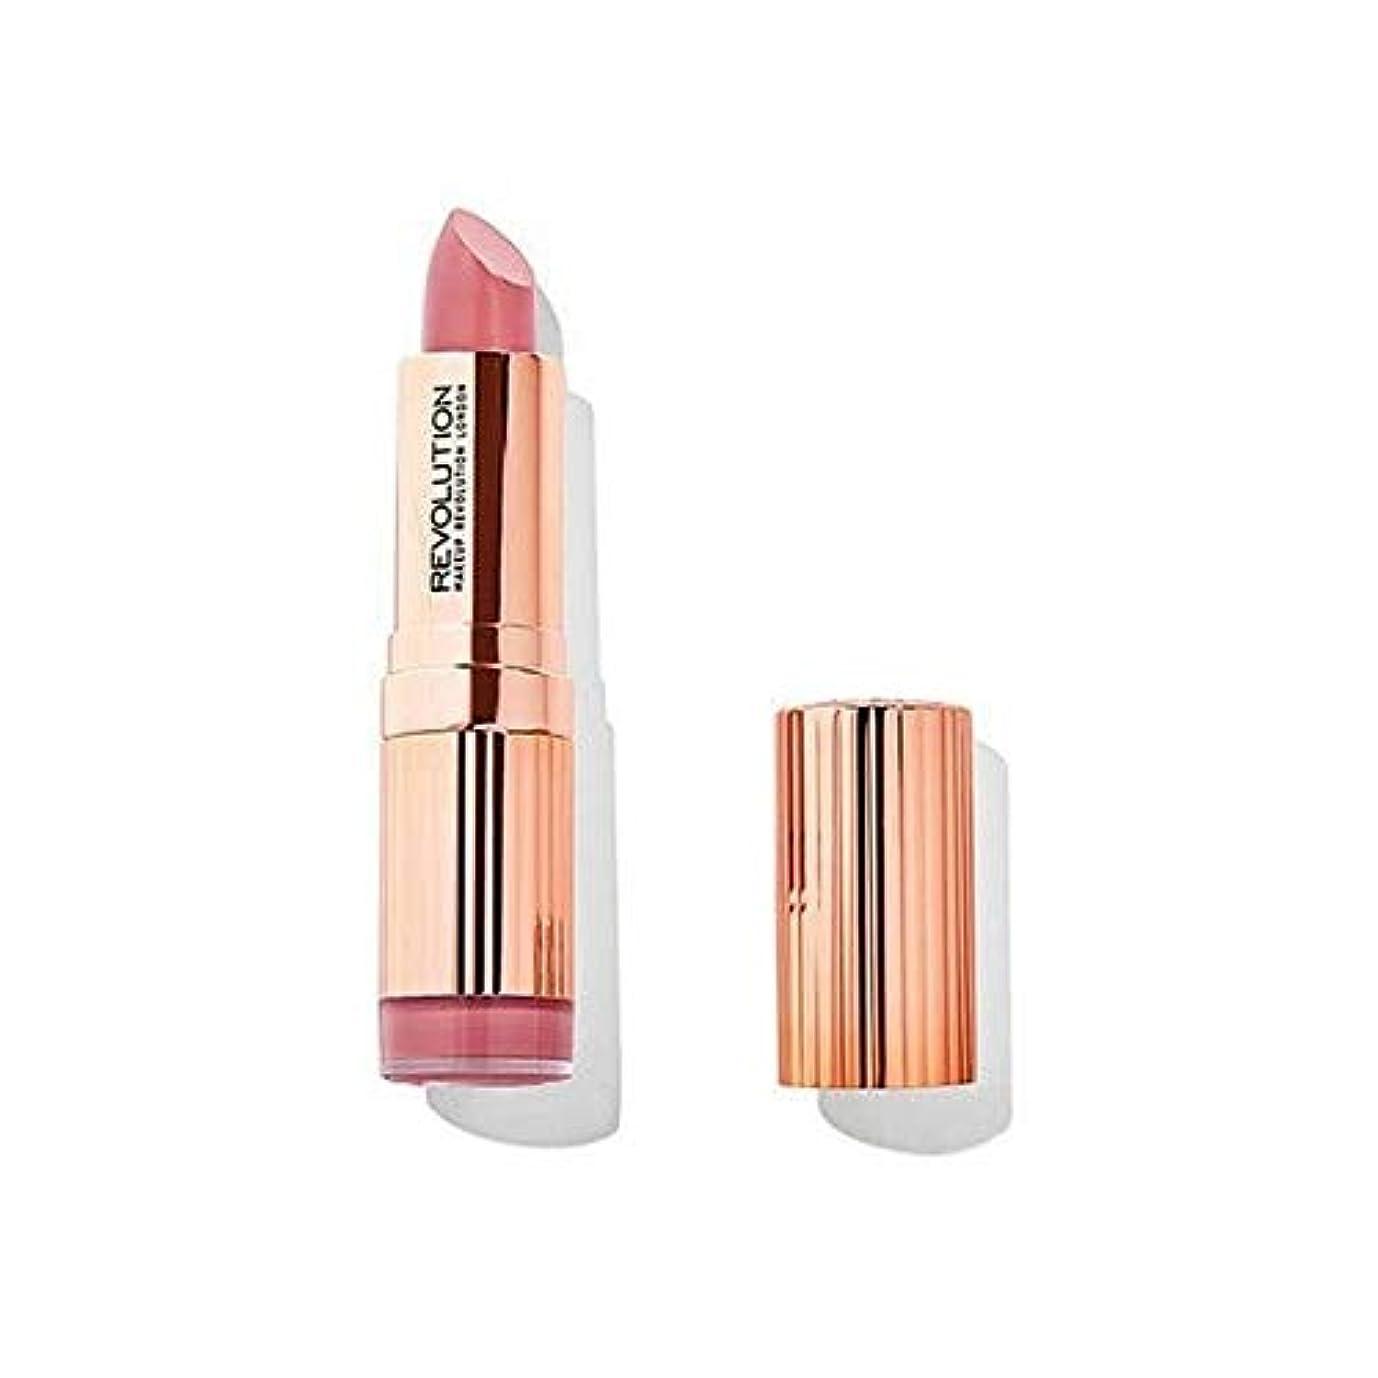 取得する演劇天国[Revolution ] ブレンド革命のルネサンス口紅 - Revolution Renaissance Lipstick Blended [並行輸入品]